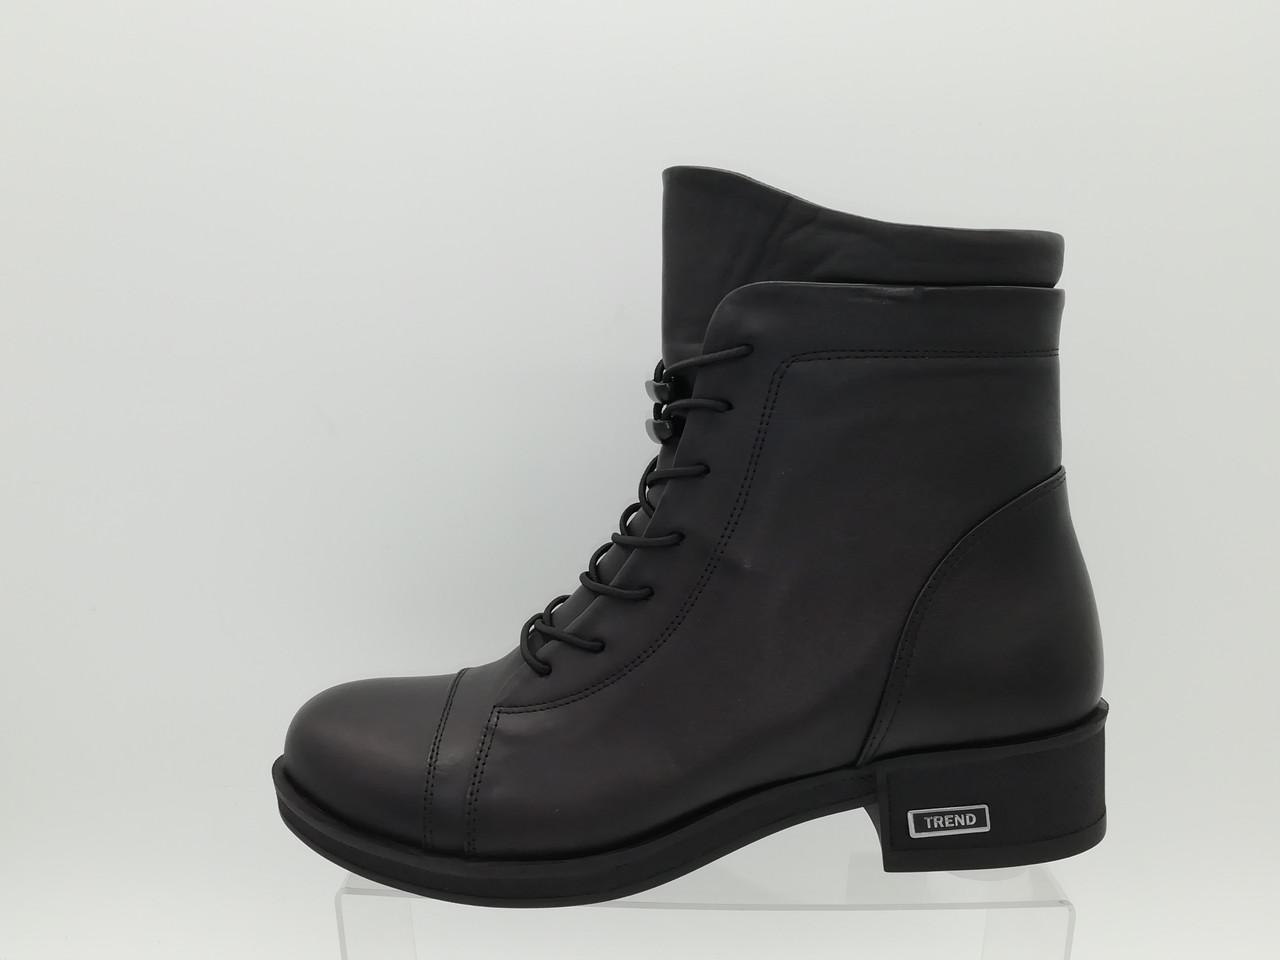 Чорні шкіряні черевики. Великі розміри (40 - 42). Ботильйони. Туреччина.